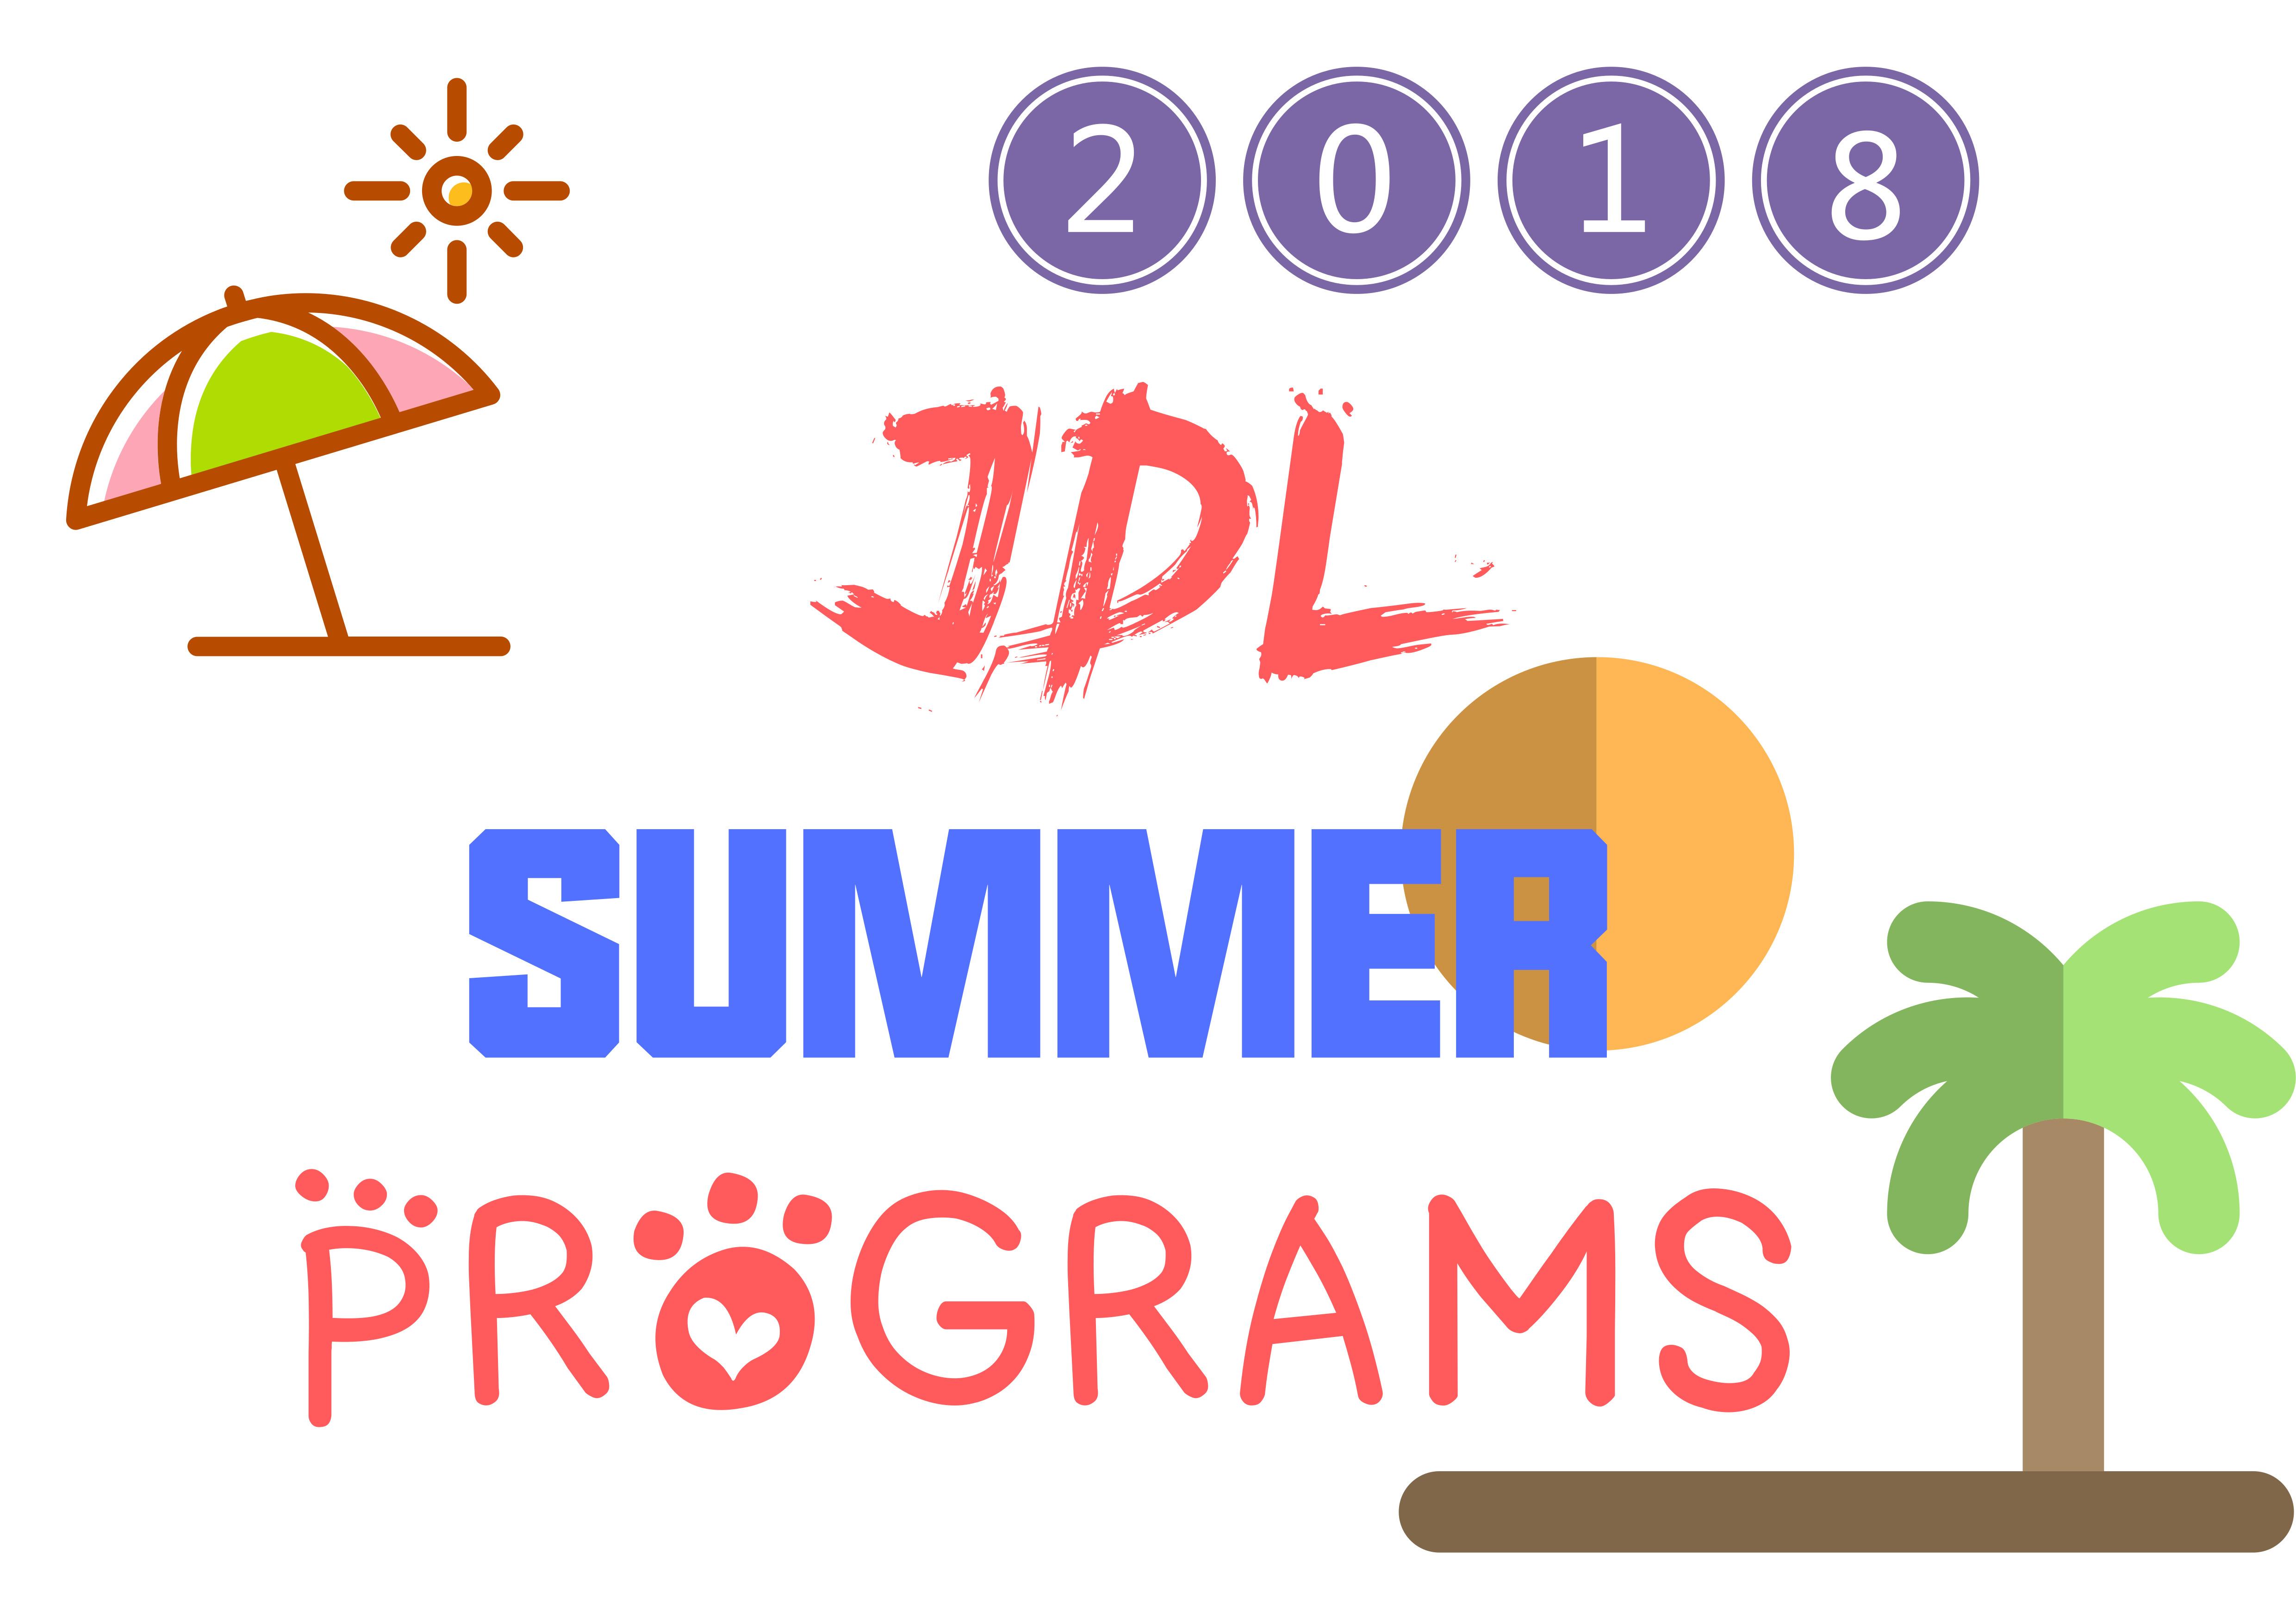 summer_programs.jpg - 864.18 kb